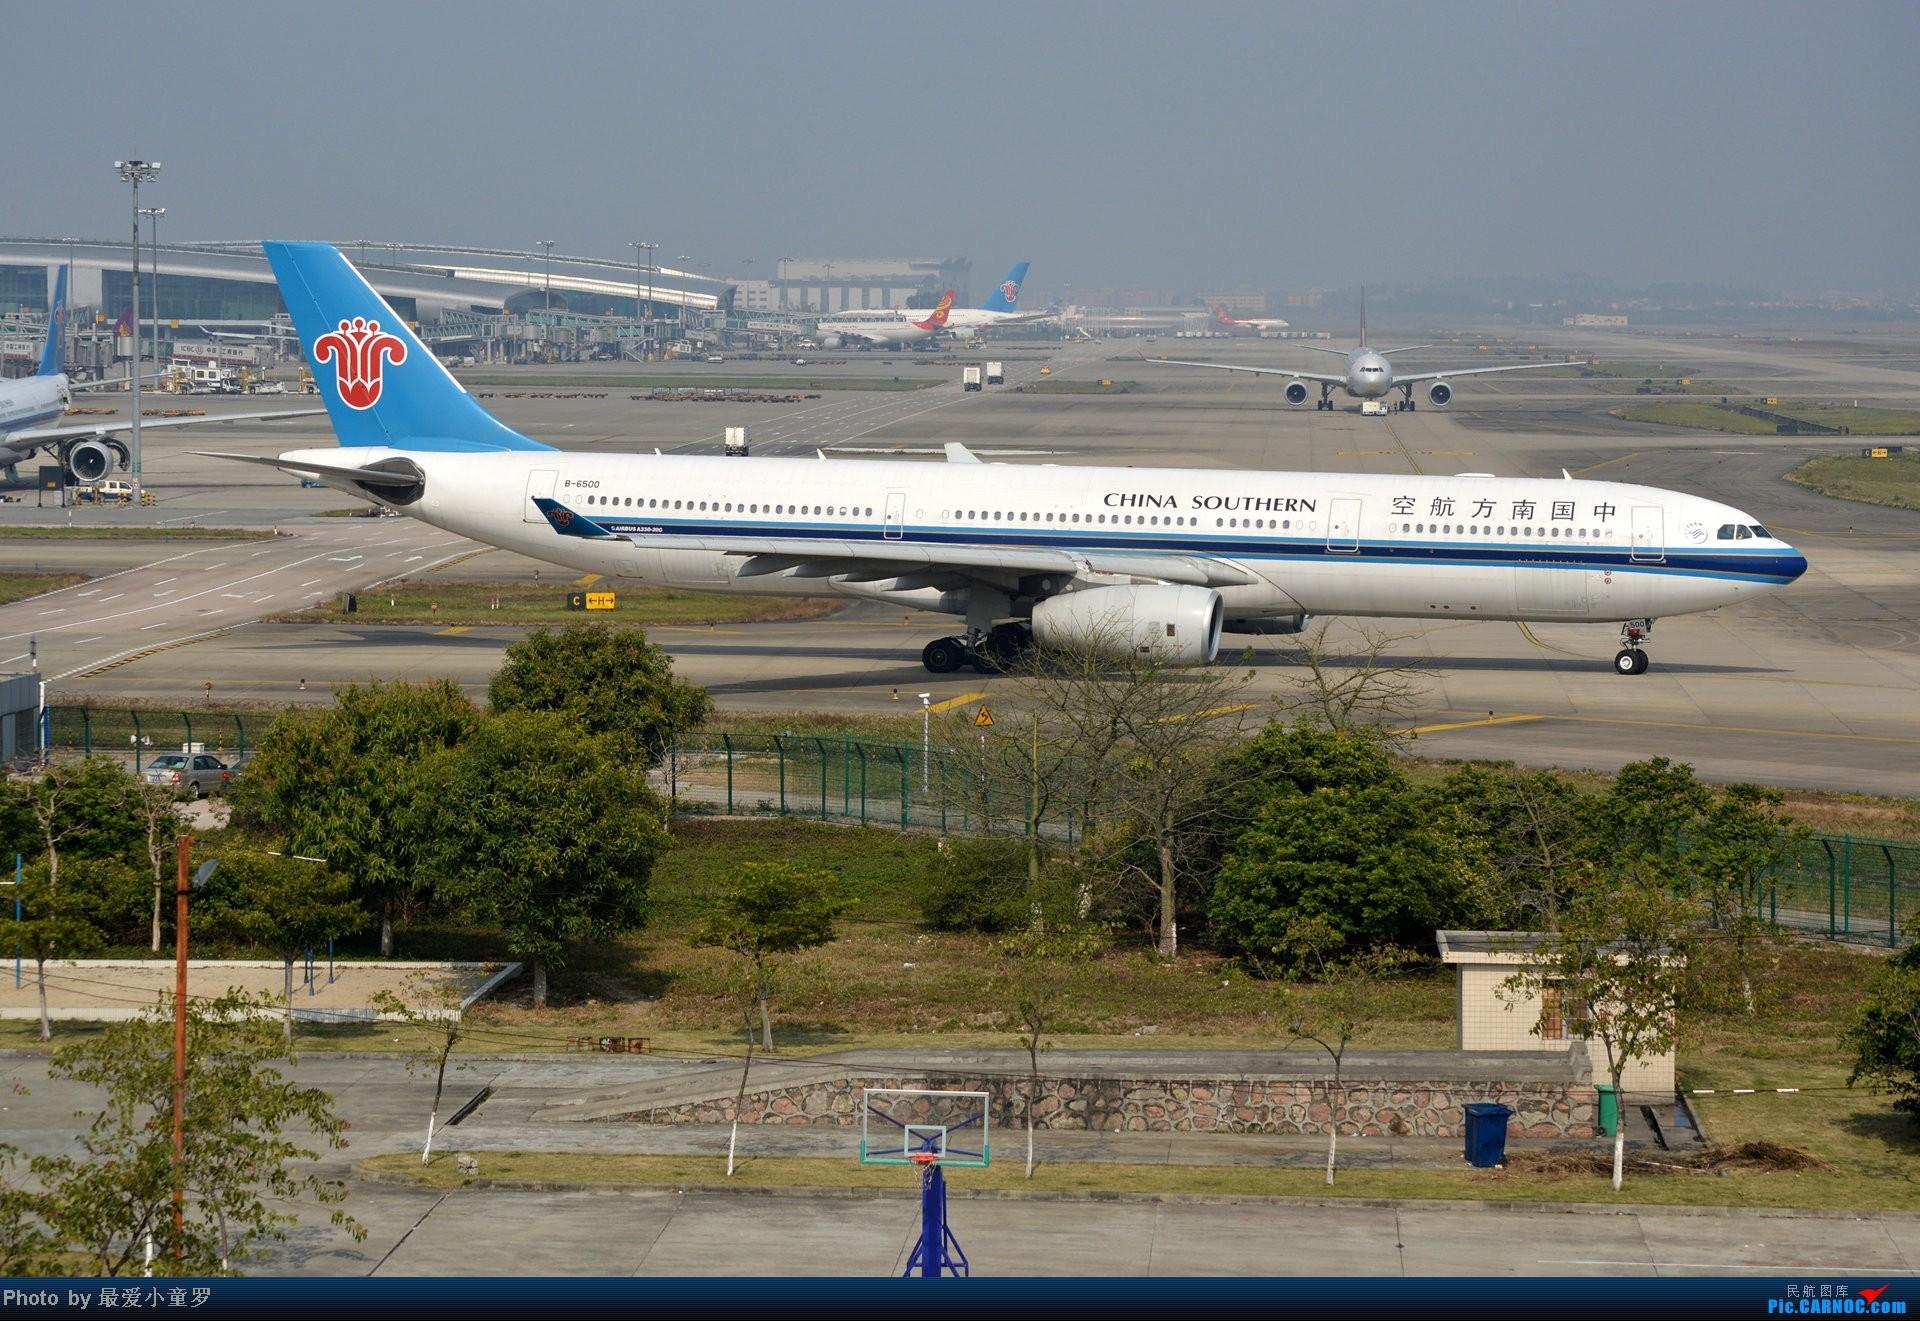 Re:[原创]好天拍机,去年12月21日广州消防塔拍机 AIRBUS A330-300 B-6500 中国广州白云机场